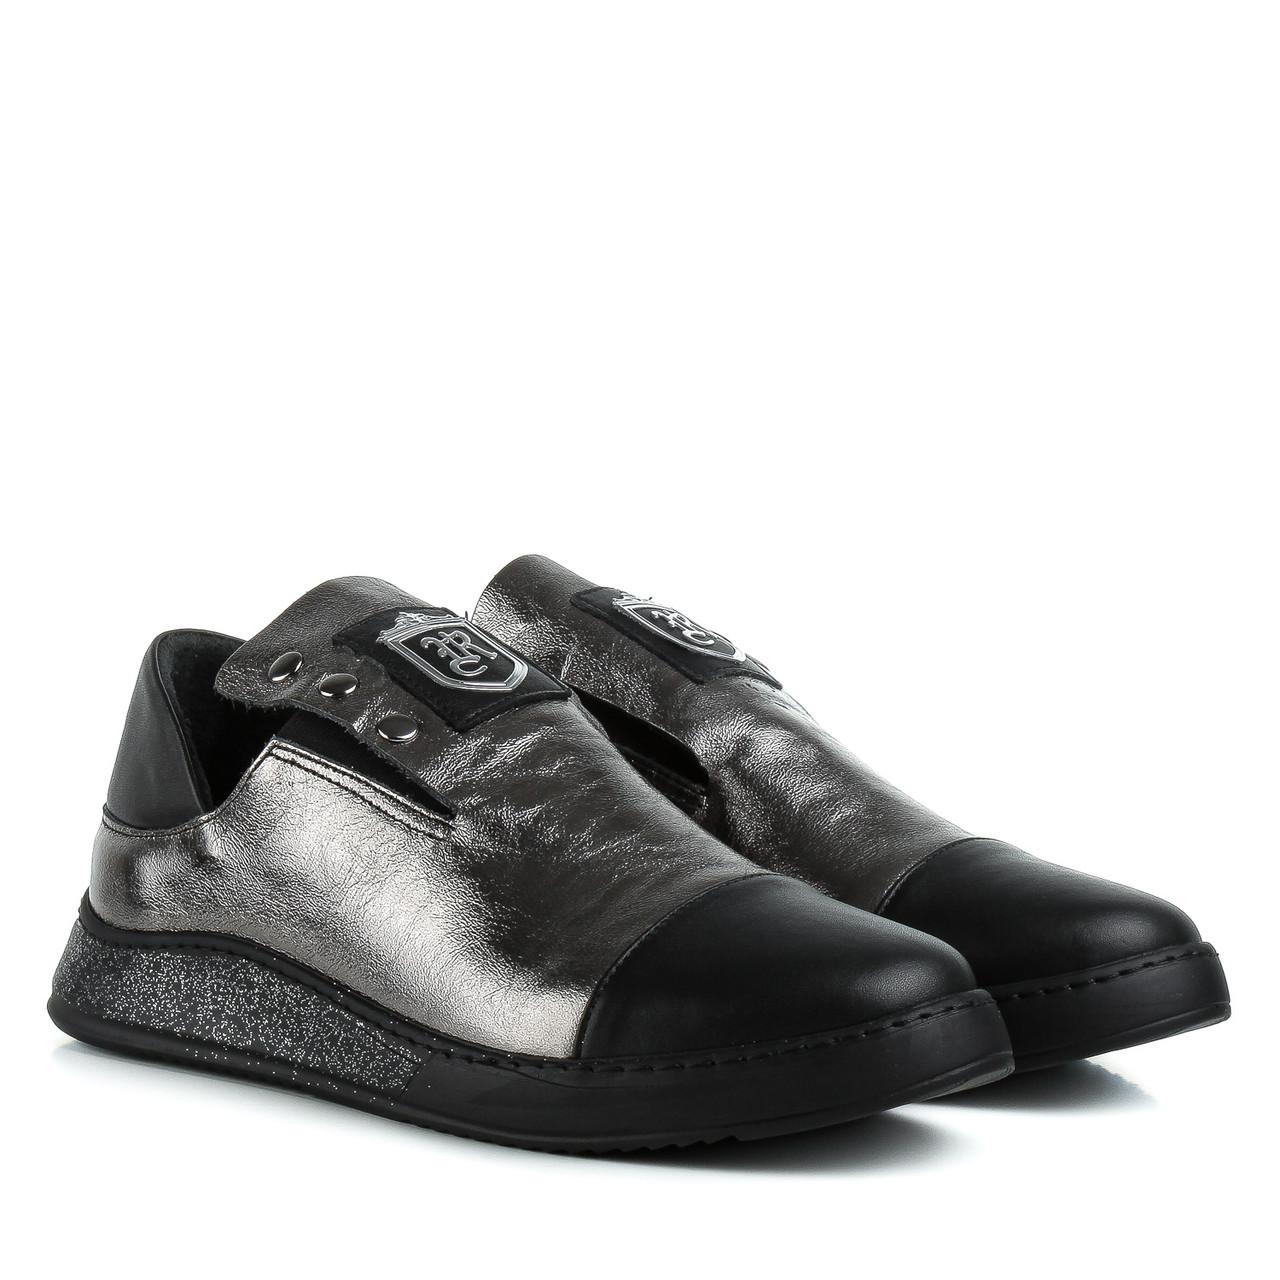 Туфли женские EVROMODA (натуральные, удобные, модные сочетания цветов)